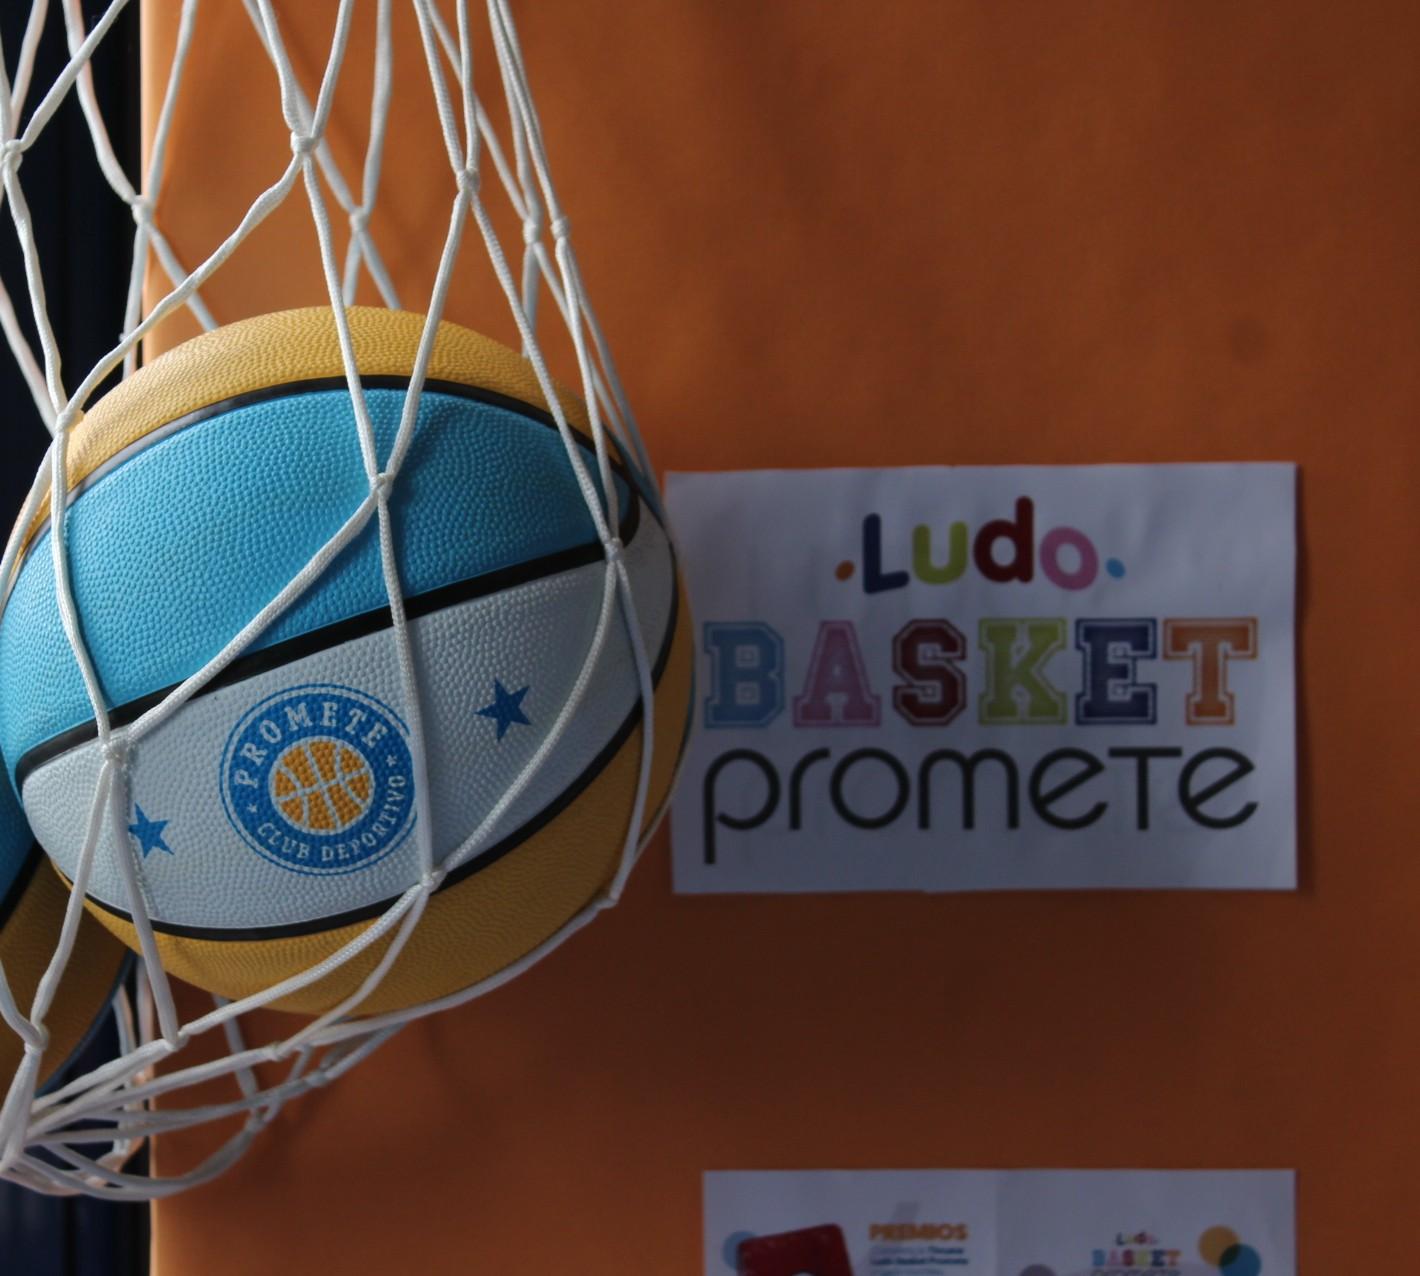 Domingo completo en el Palacio: foto de familia, Ludo Basket Promete y partido del Campus Promete LF1